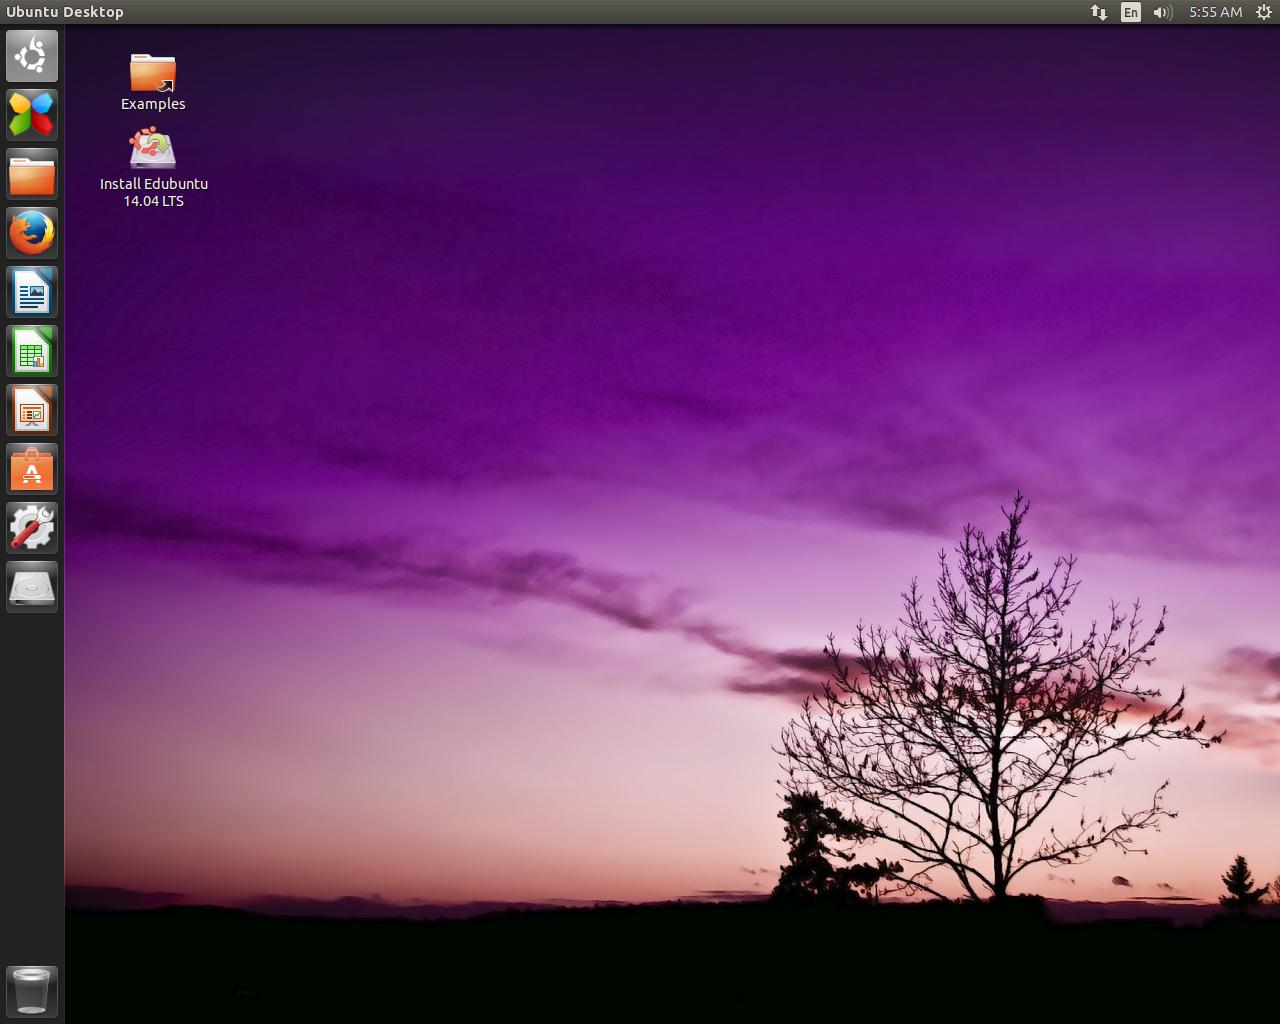 edubuntu 14.04 LTS